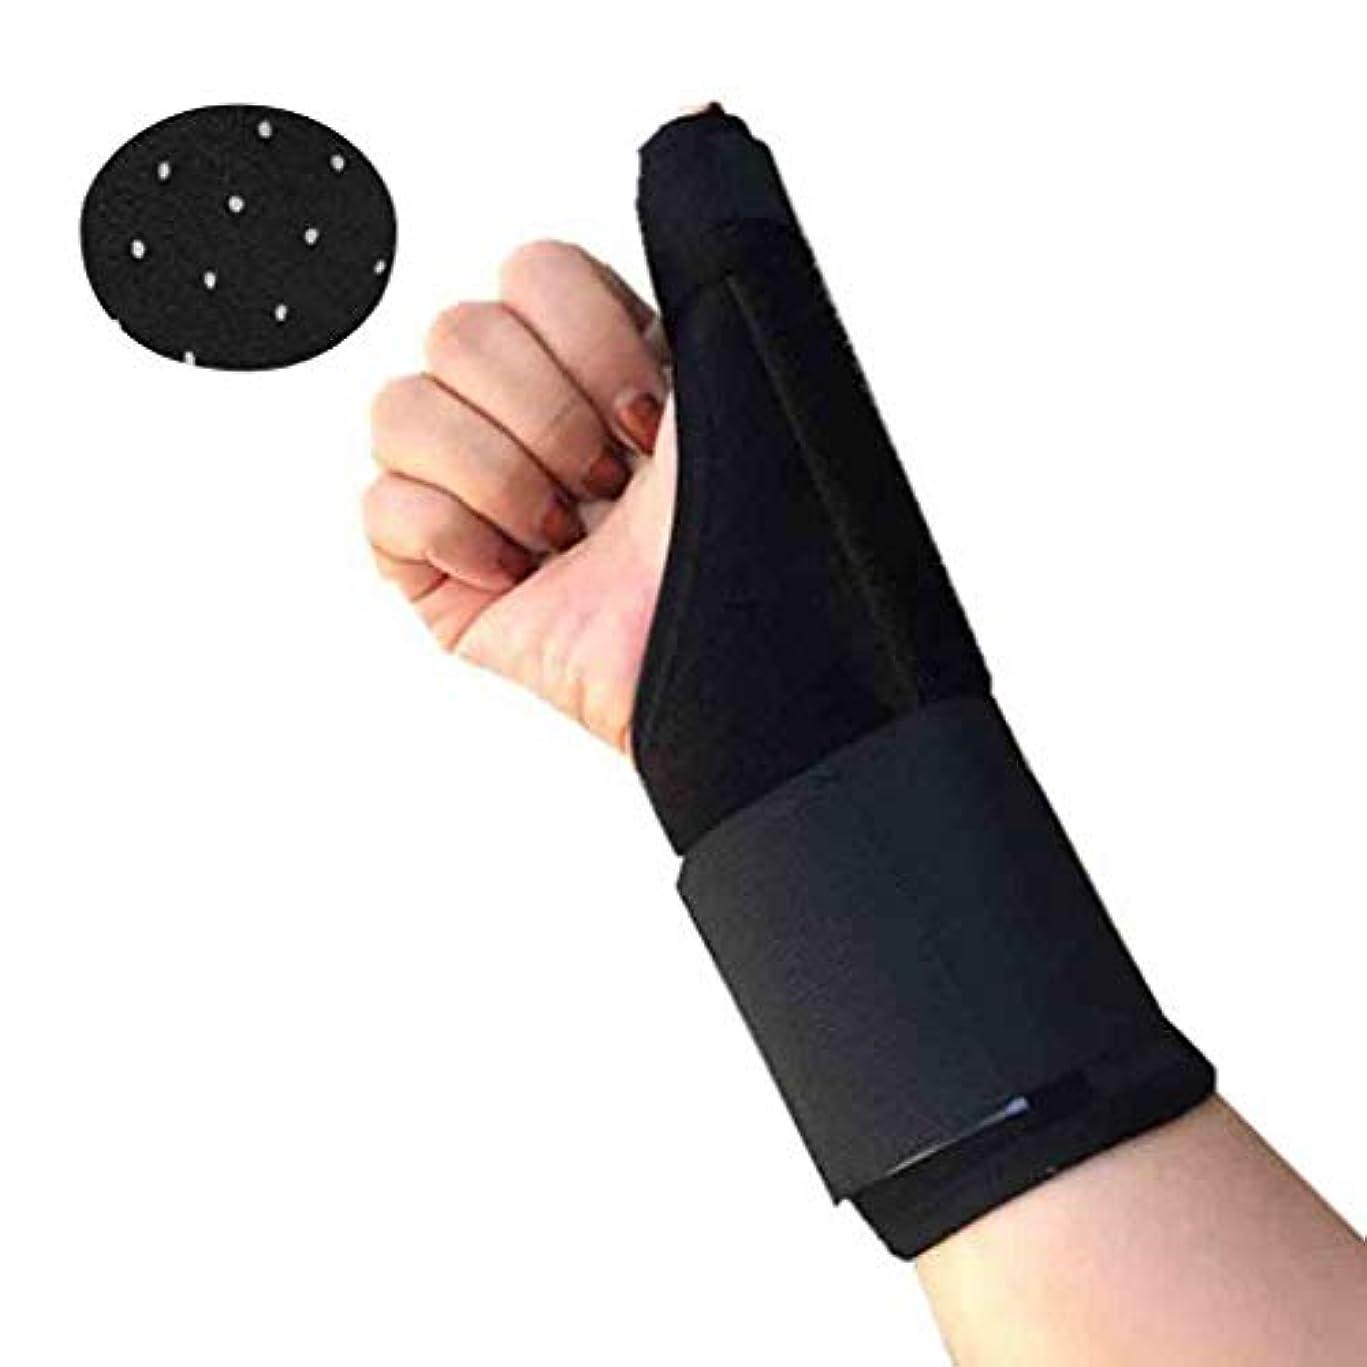 有名検索国民関節炎のThumbスプリントは、手根管トンネルのThumb関節Thumbブレースを固定する手首の痛みの救済は、右手と左手の両方にフィット Roscloud@